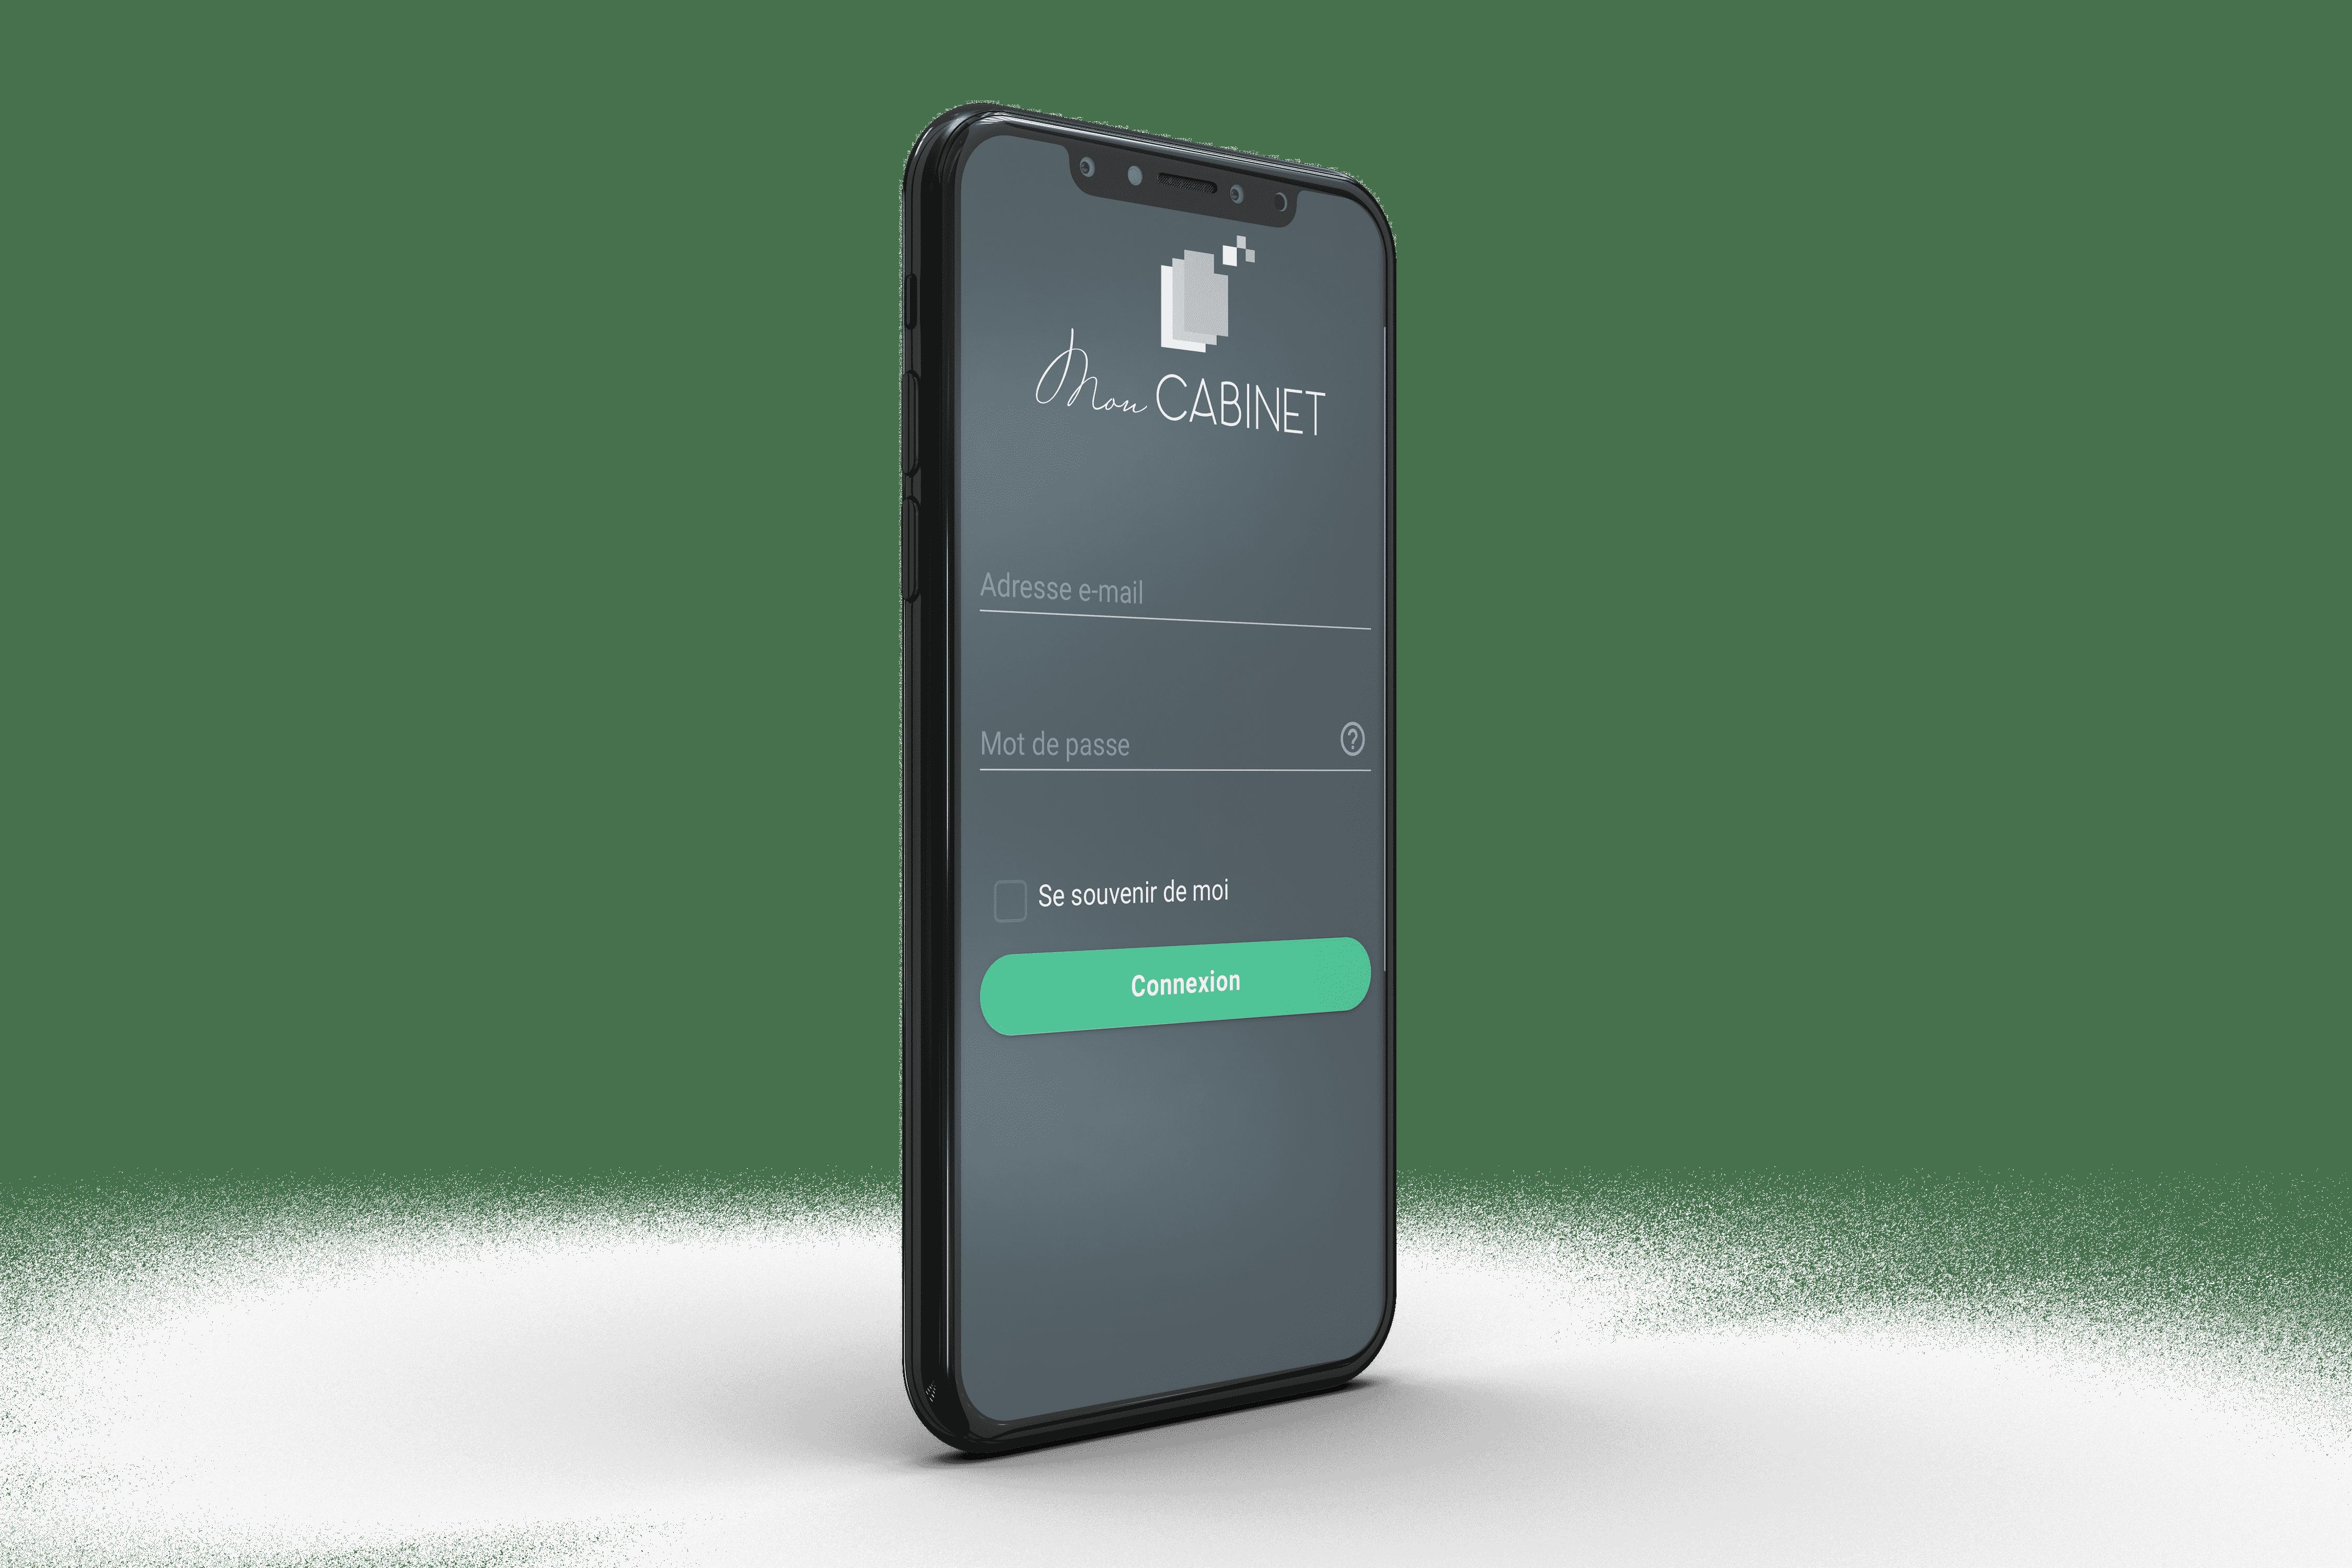 Mon Cabinet - consultation des services sur smartphone